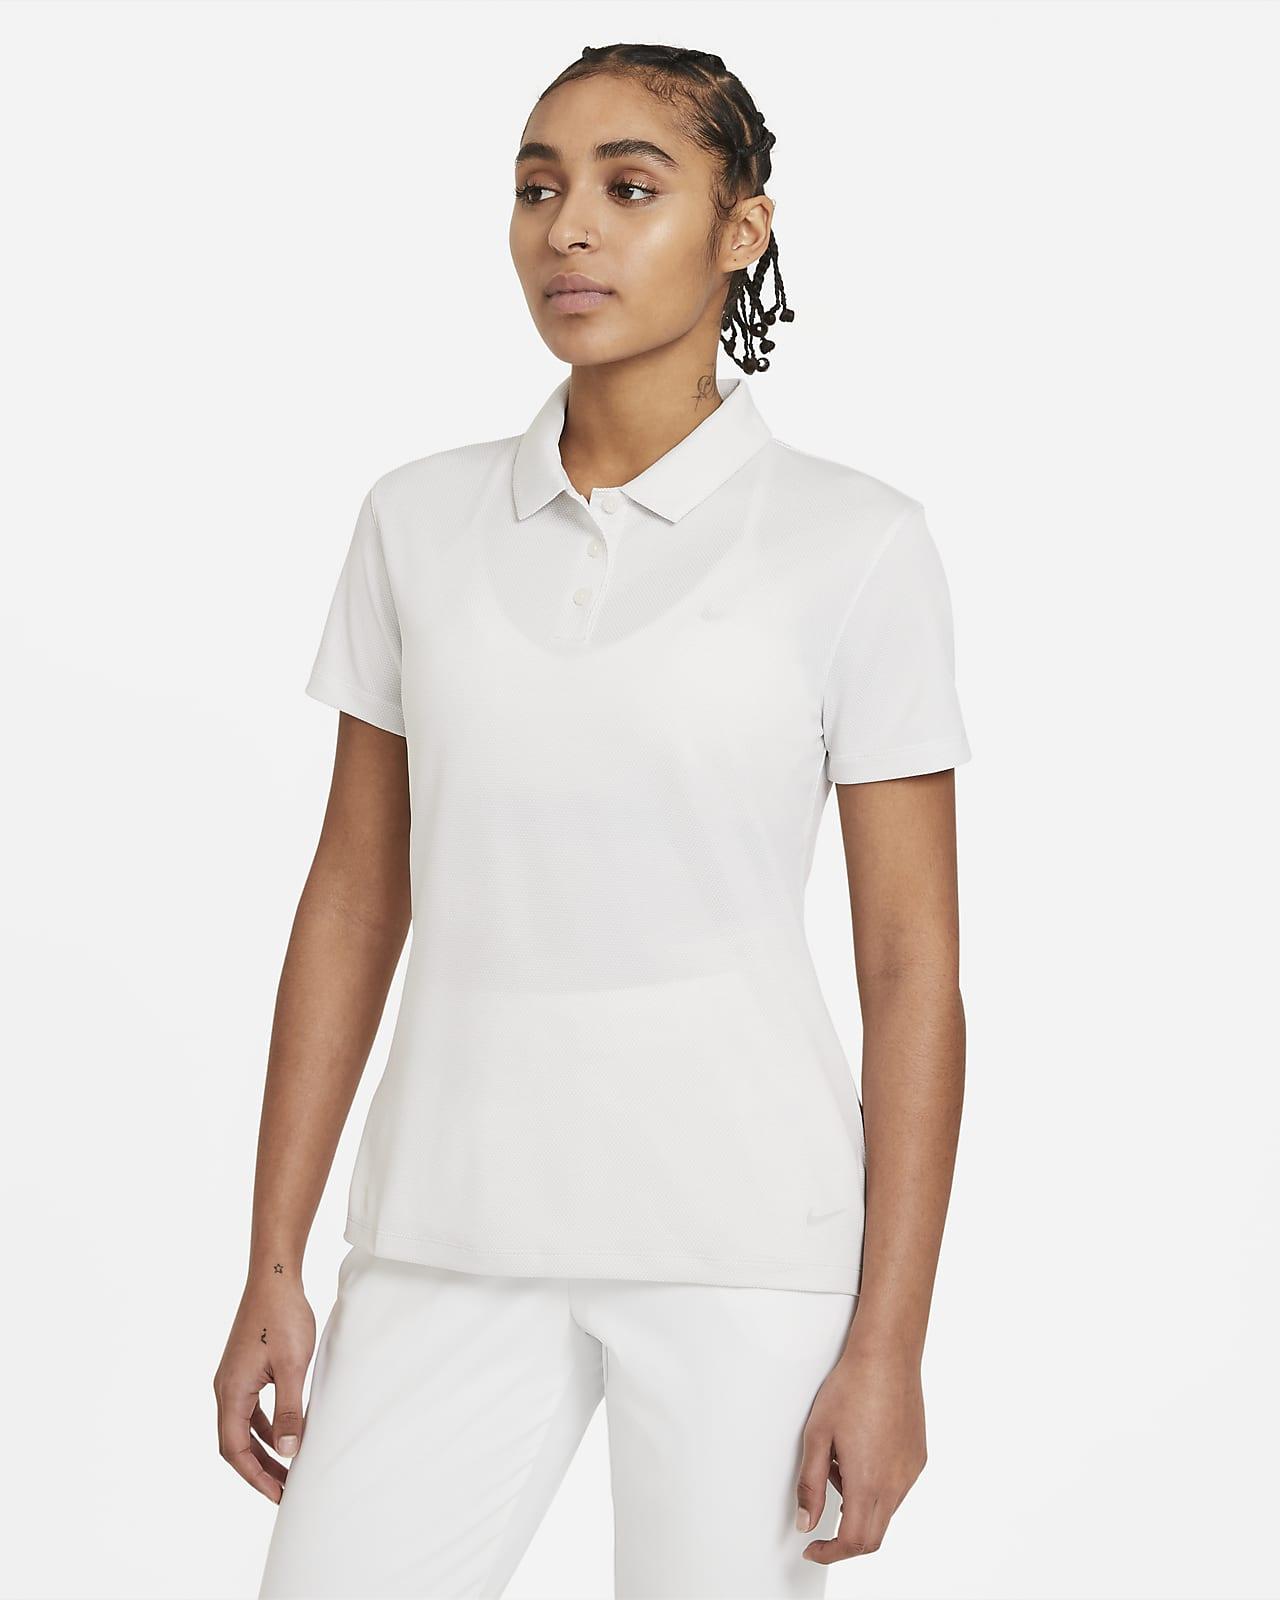 Γυναικεία μπλούζα πόλο για γκολφ Nike Dri-FIT Victory